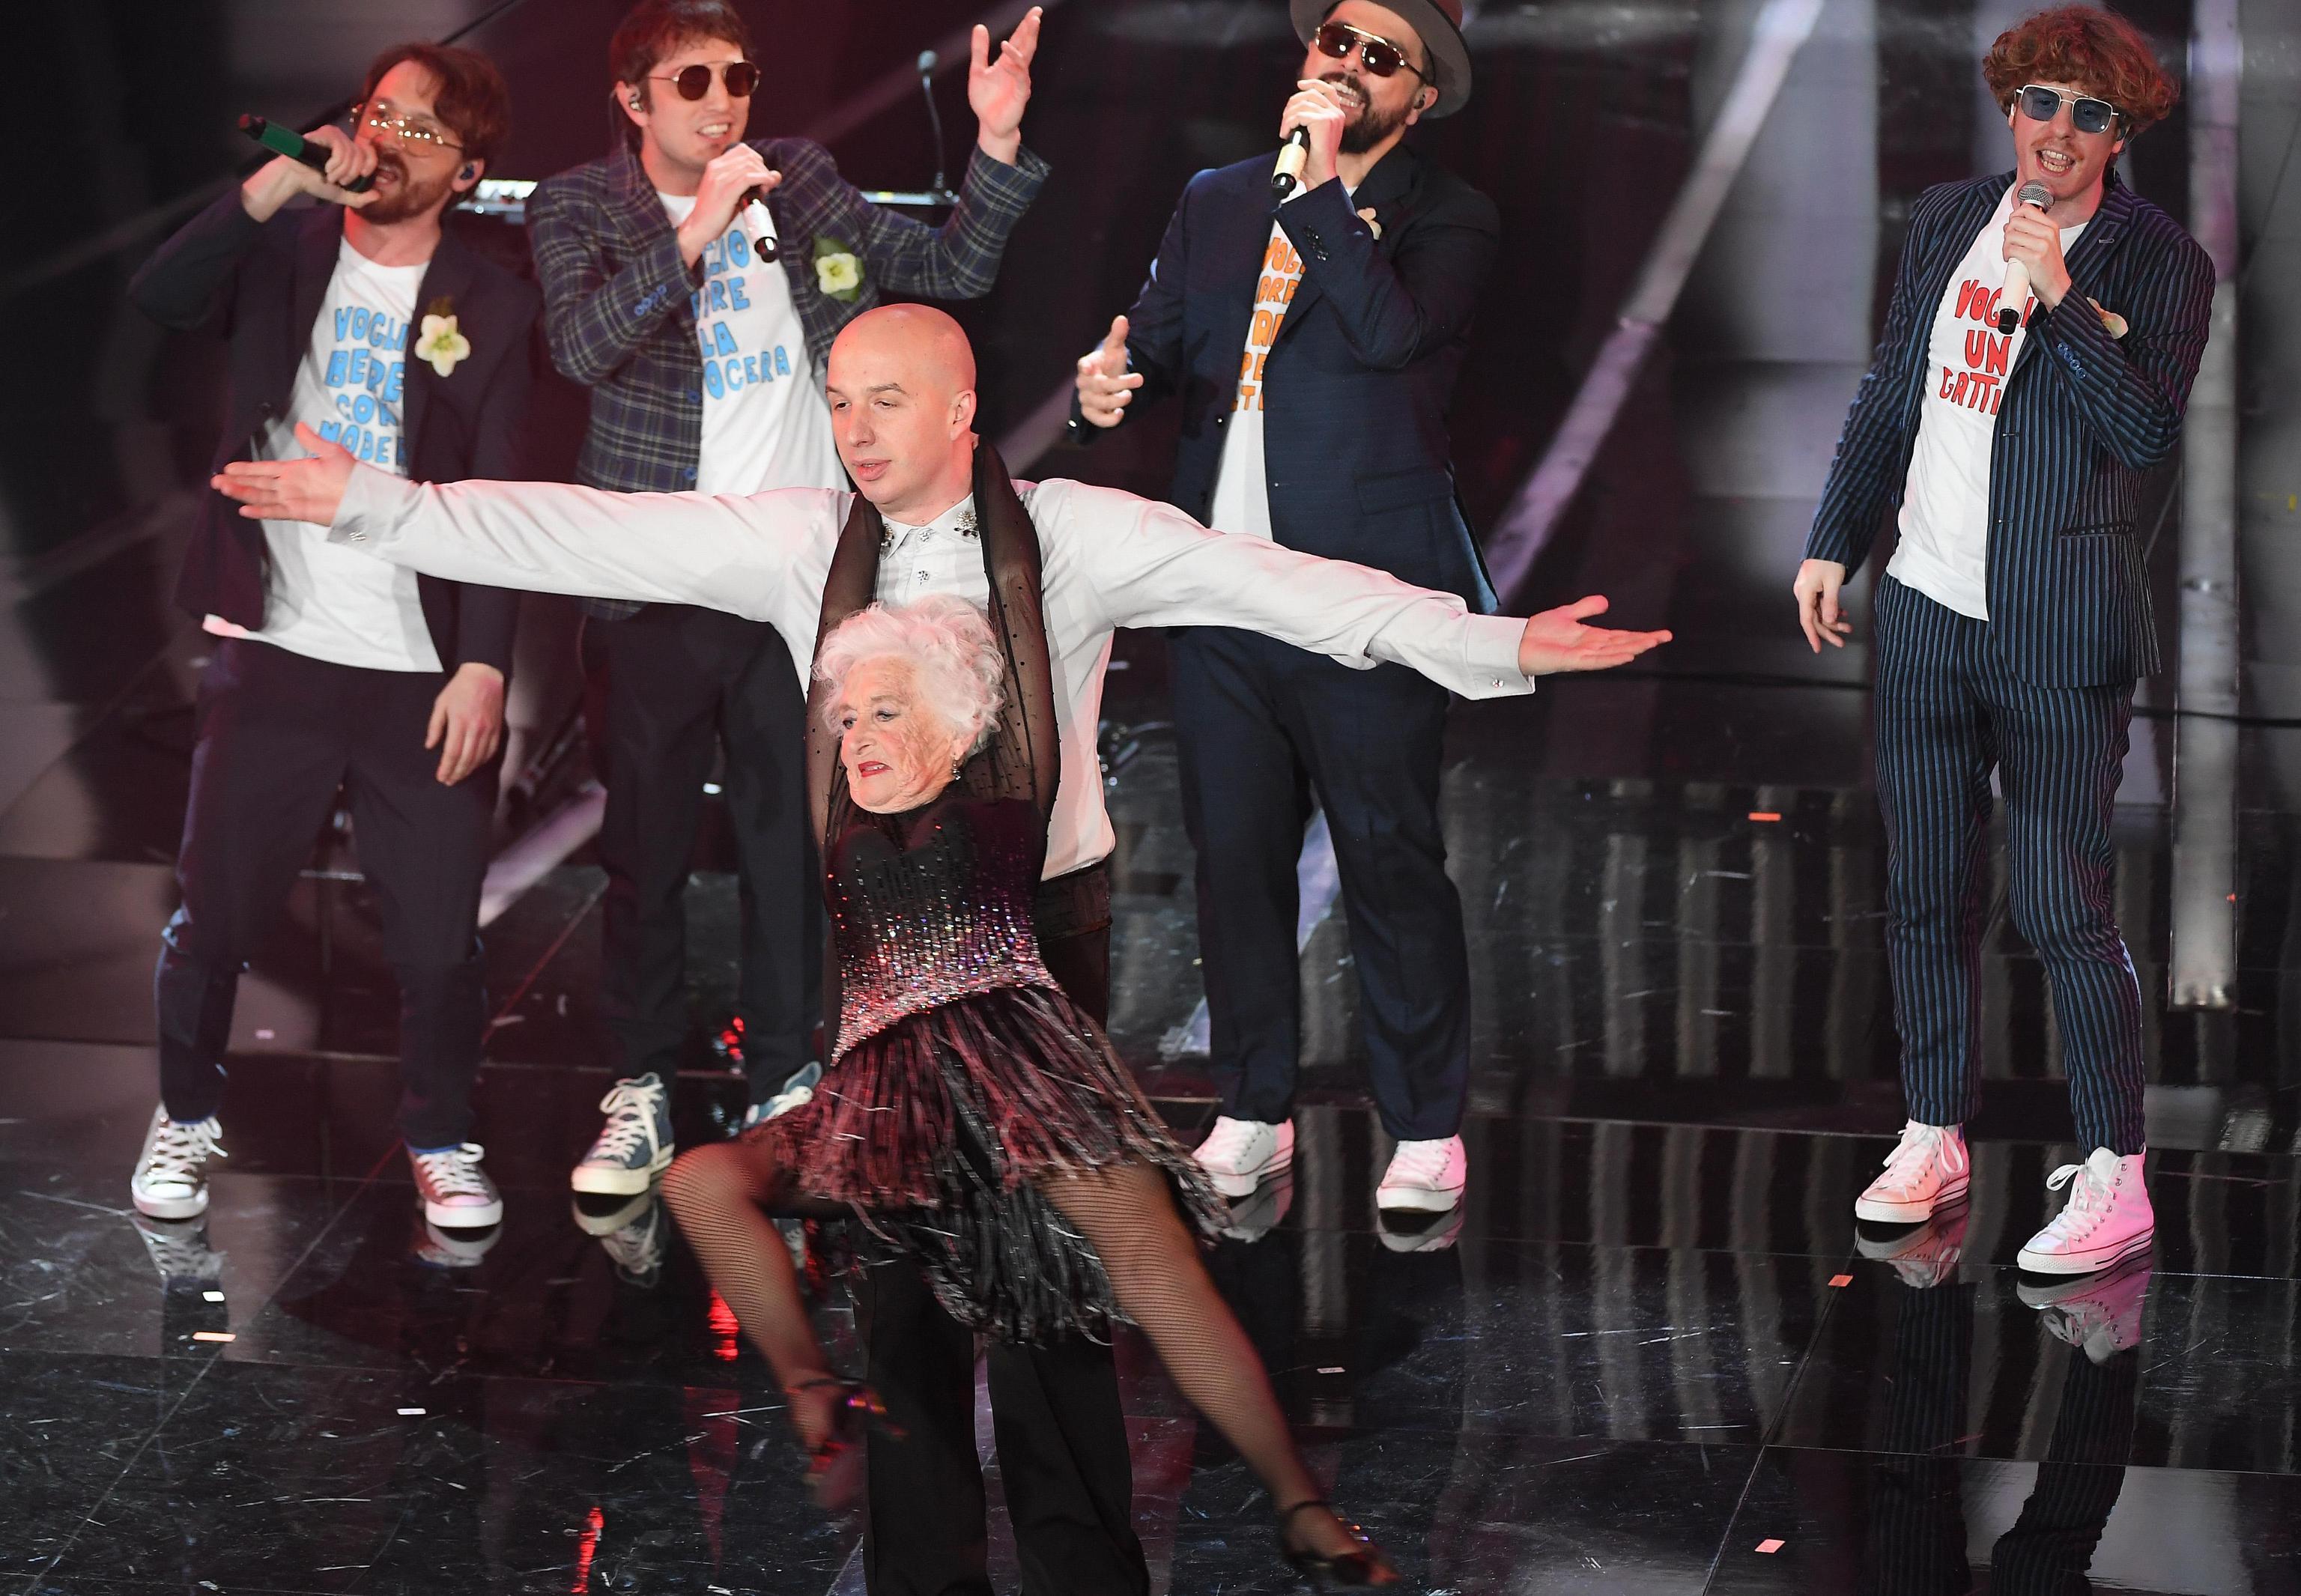 Lo Stato Sociale a Sanremo 2018: chi è la 'vecchia che balla' sul brano?